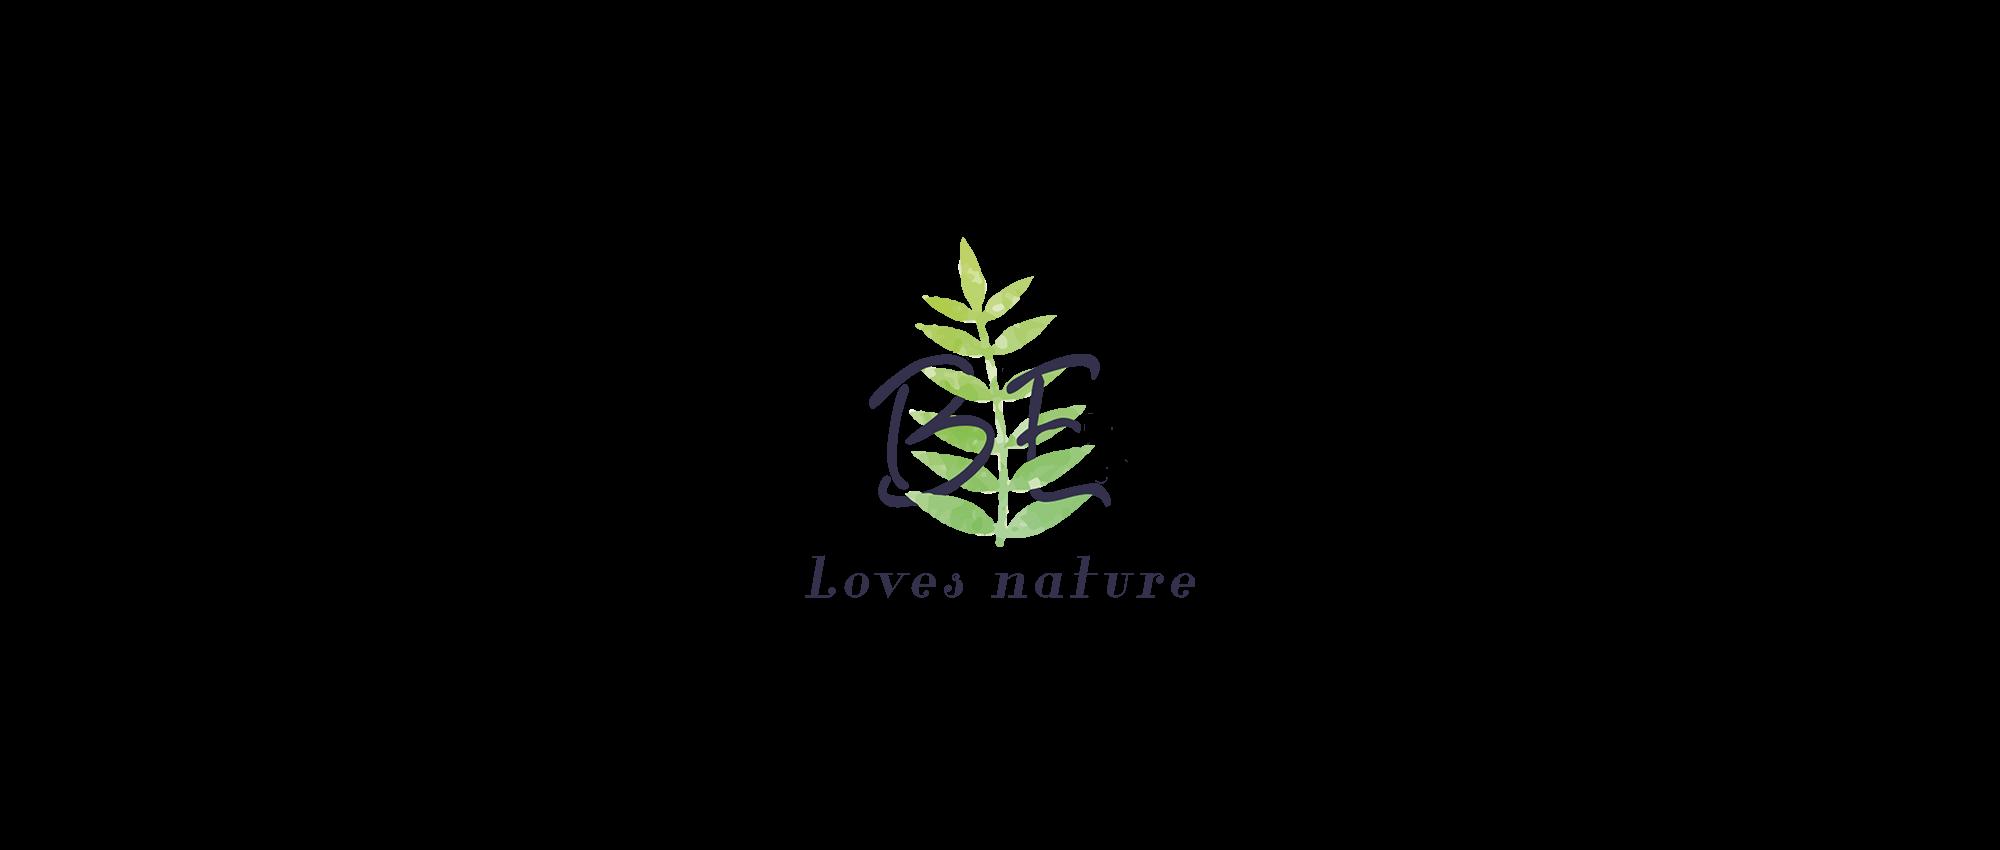 Bandeau logo Belovesnature